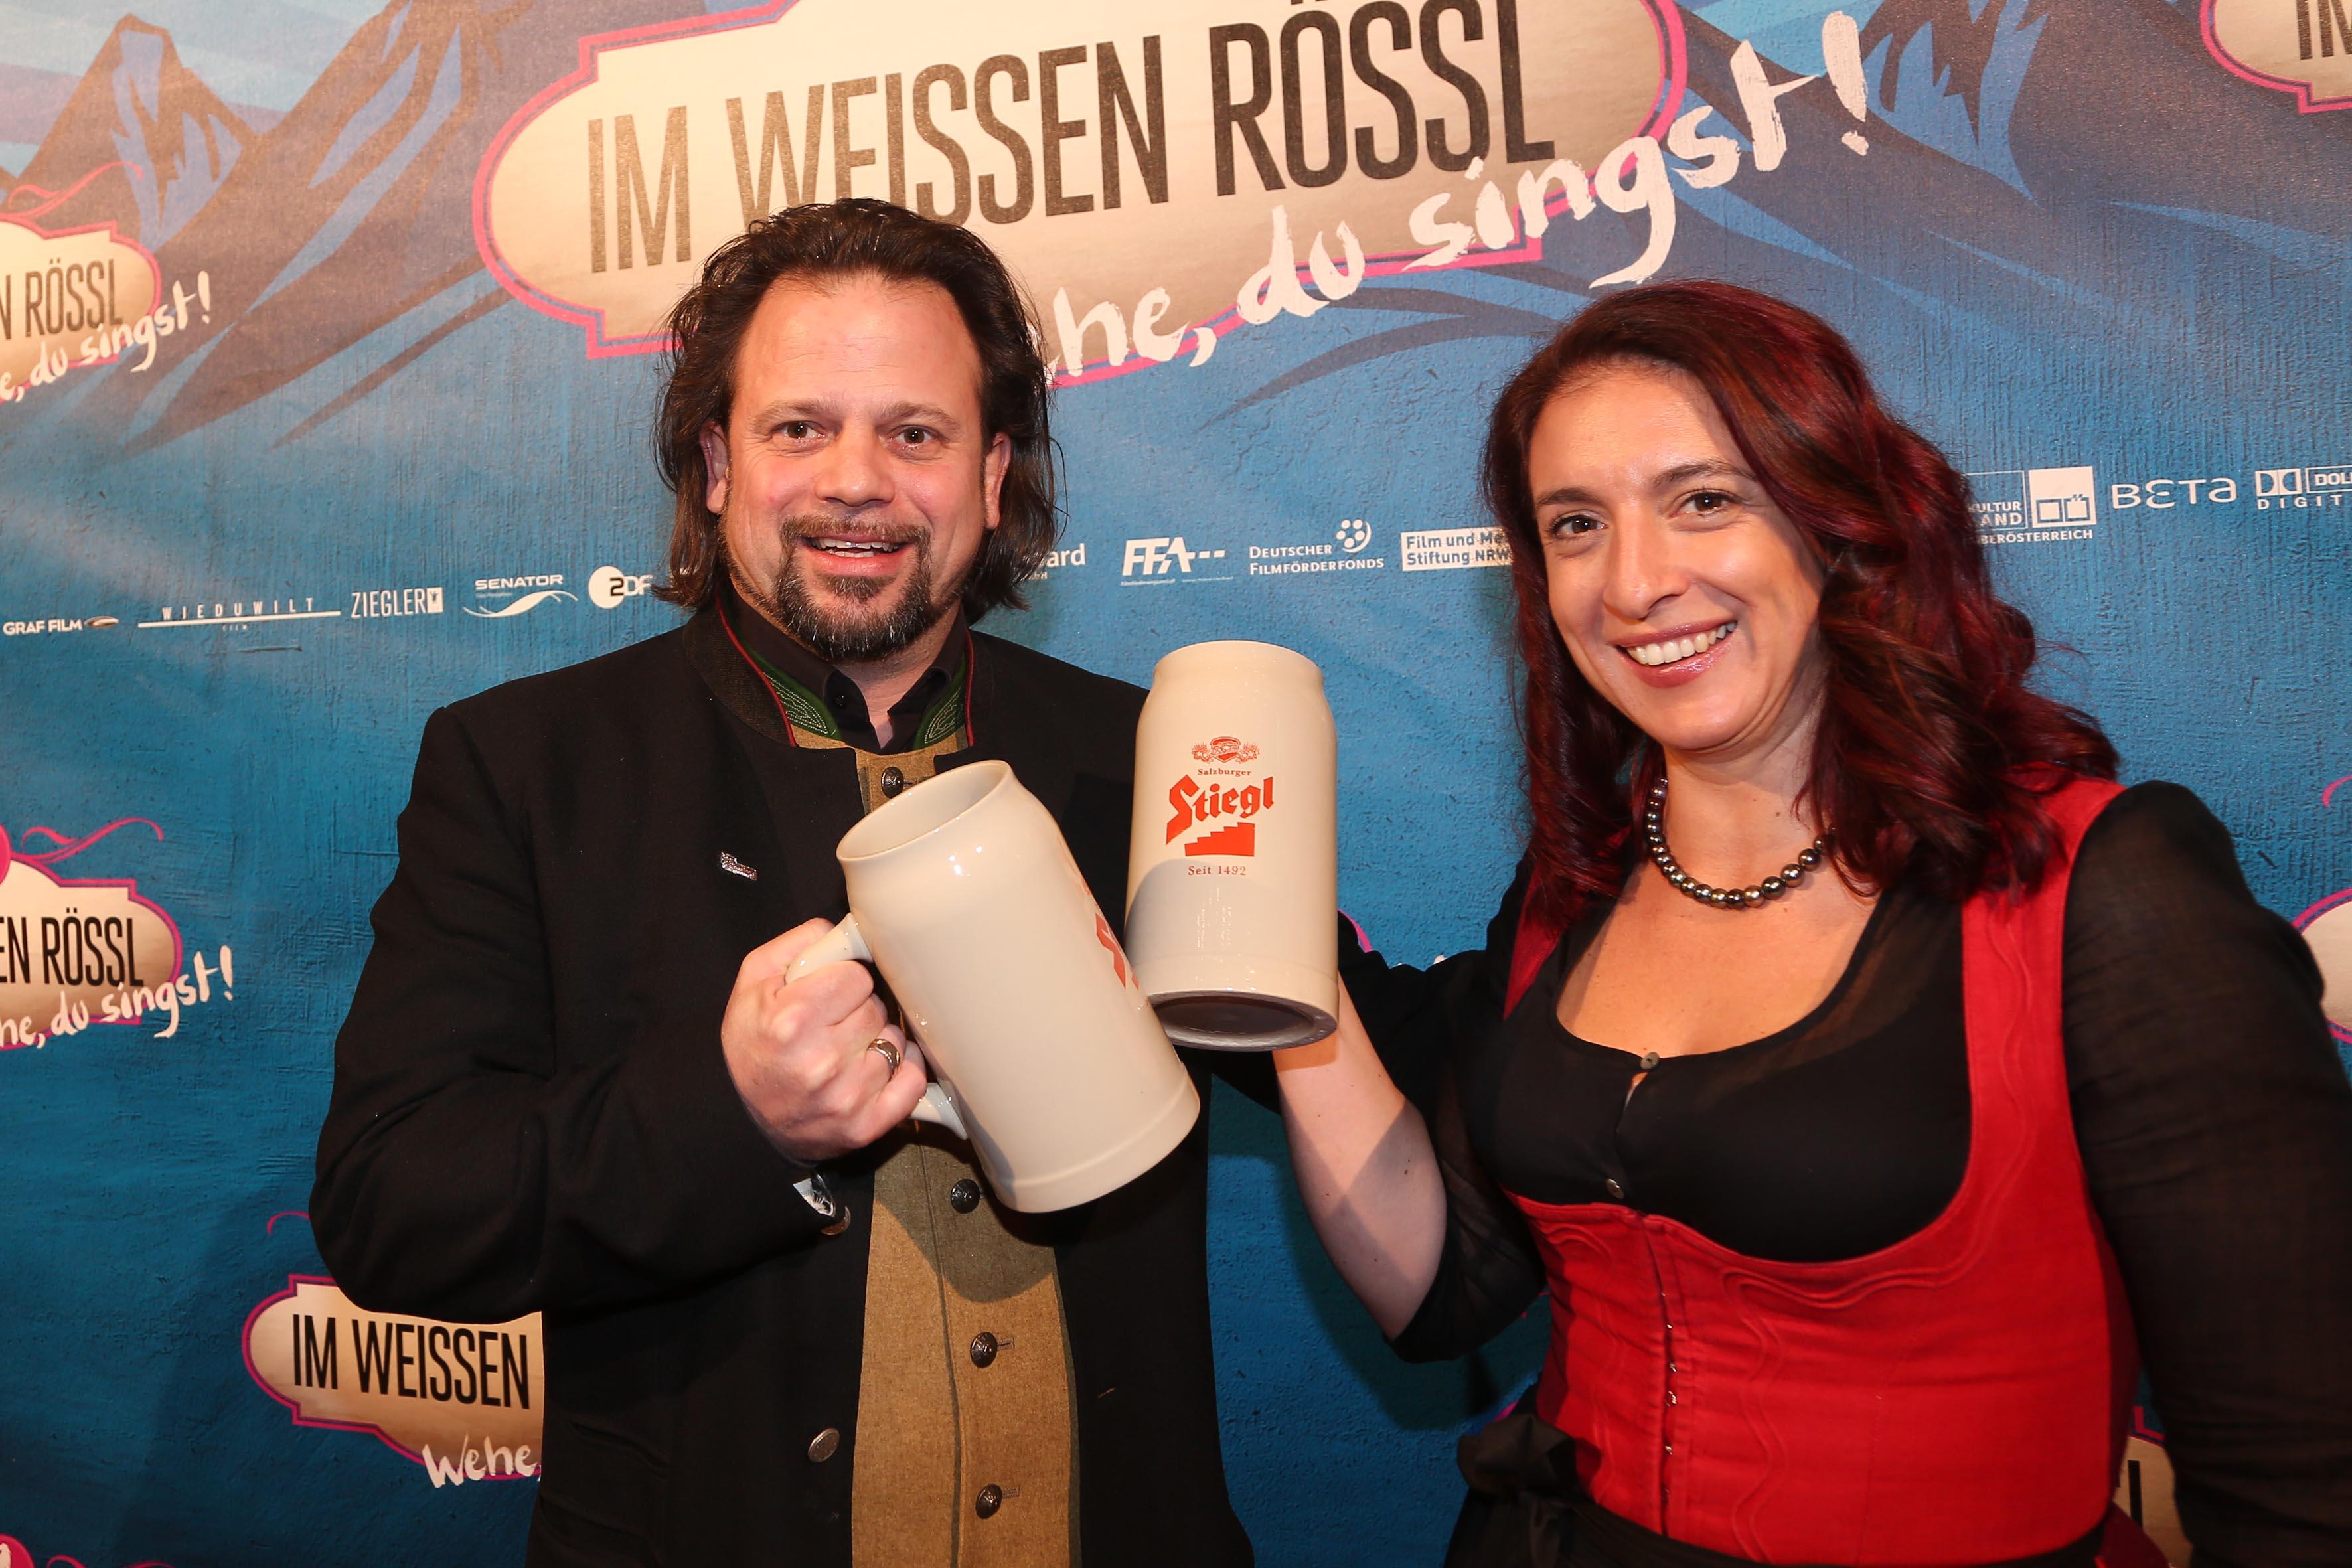 Die originalen Rösslwirte Oliver und Gudrun Trutmann-Peter